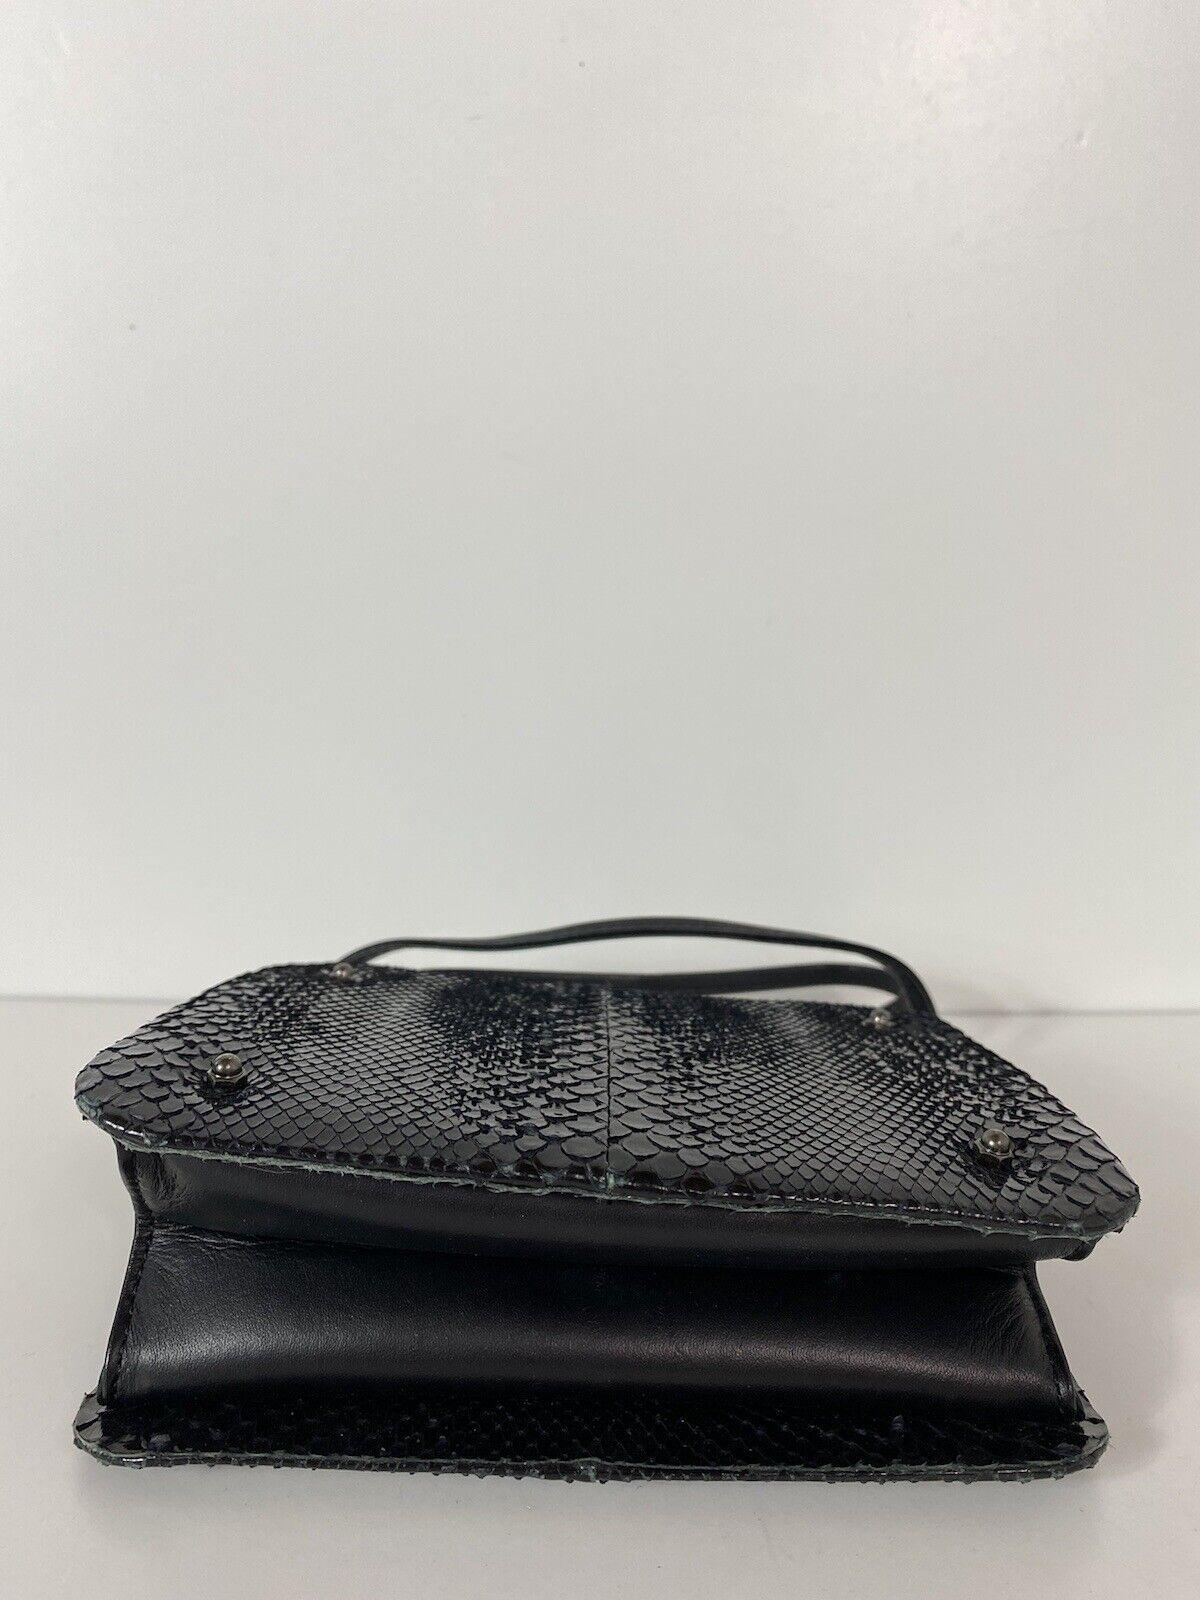 RARE VTG ALEXANDER McQUEEN 90s BLACK SNAKE BAG - image 5